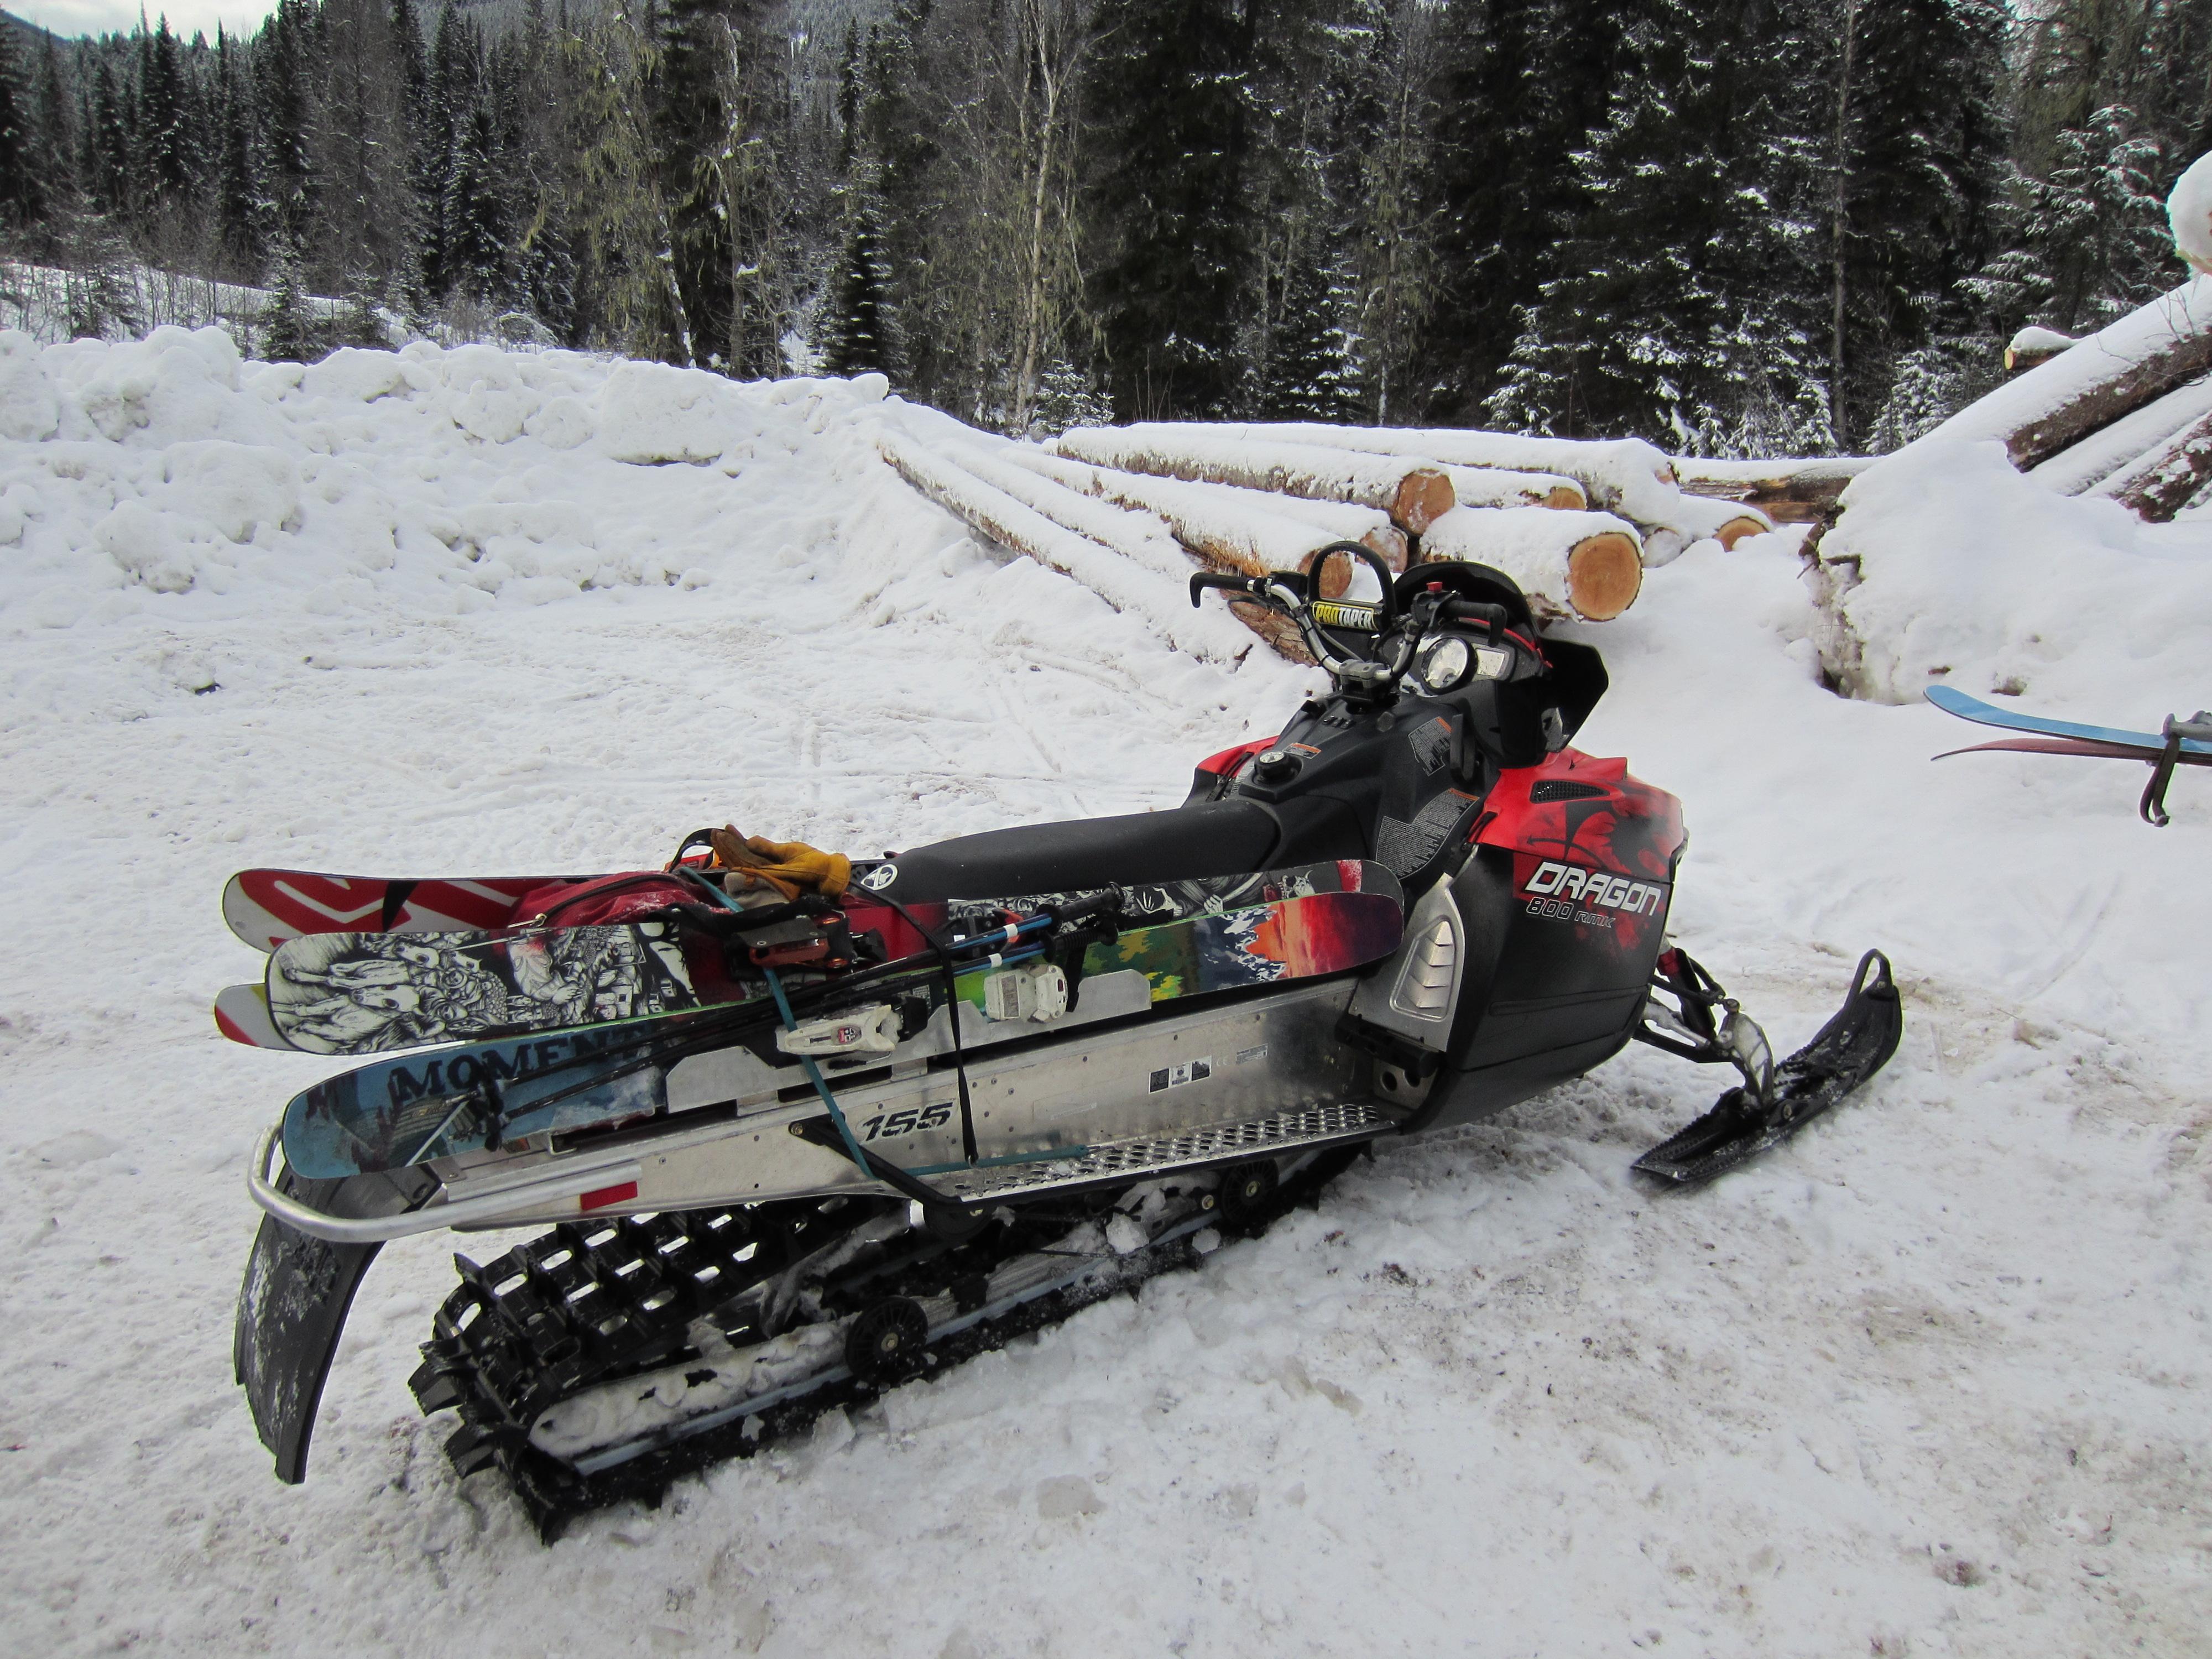 New Ski Racks Snowboard Snowmobile Gear Talk Newschoolers Com